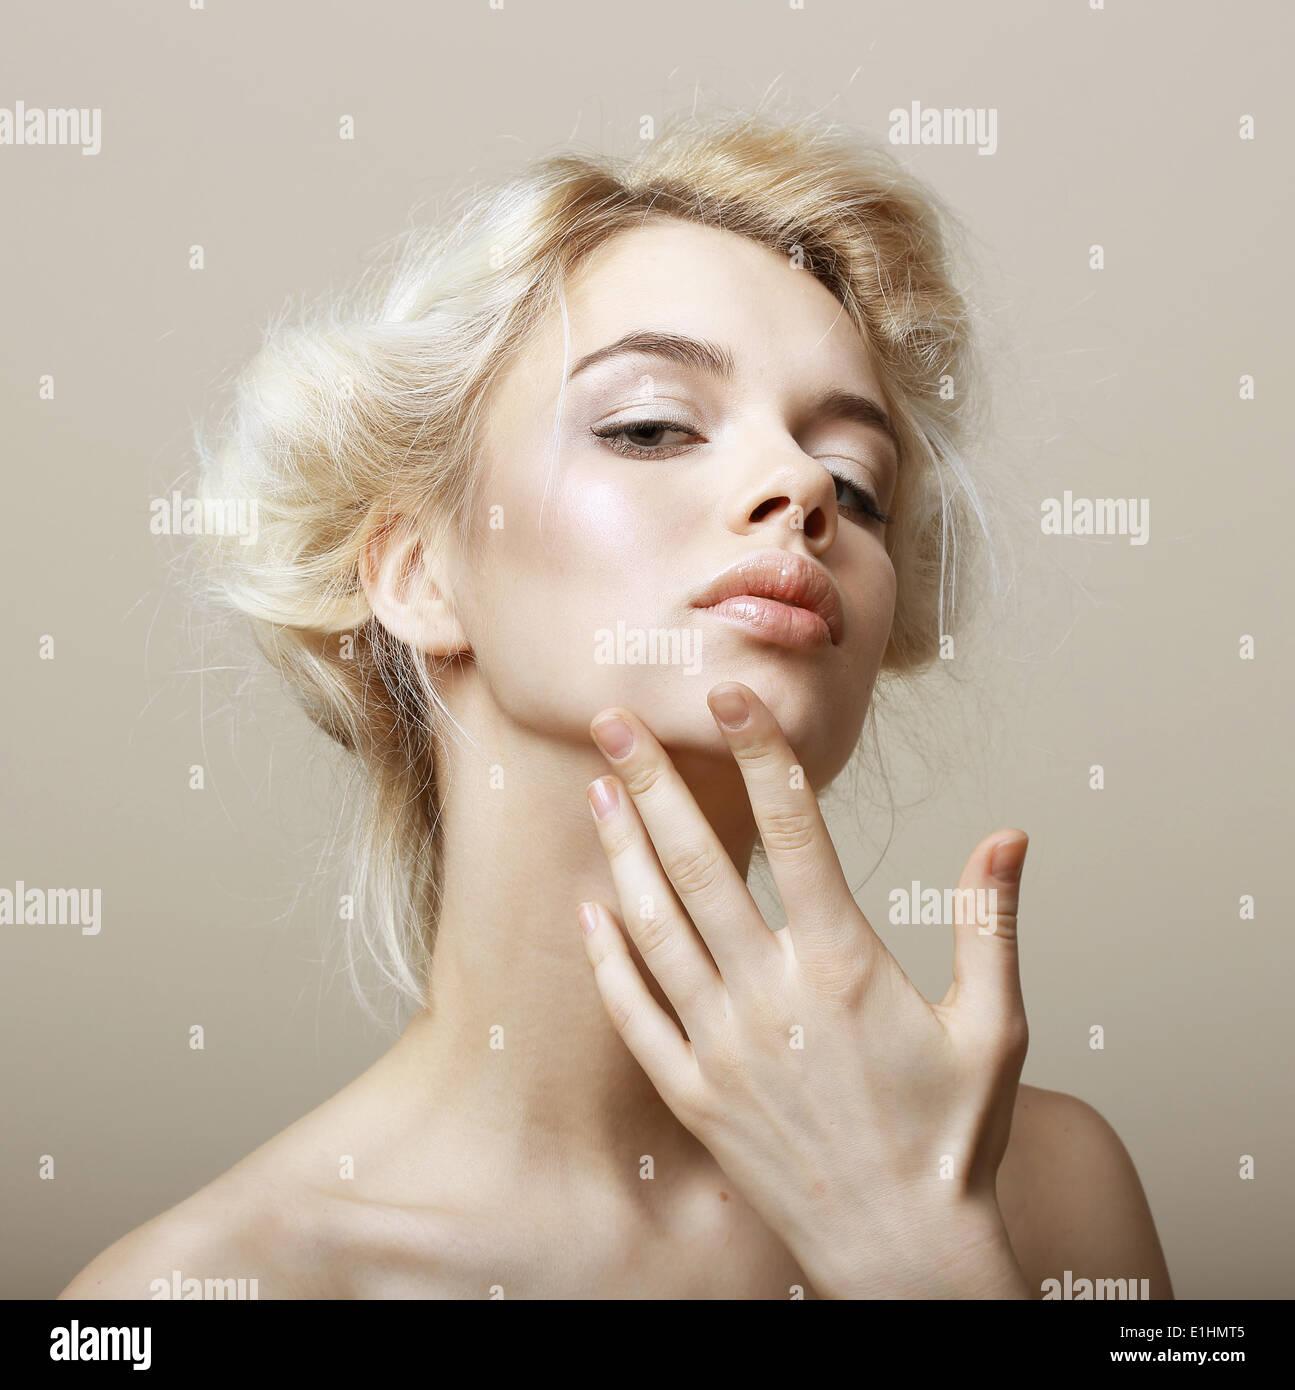 El sentimentalismo. Mujer rubia natural tocando su cara limpia. Mimos. Imagen De Stock